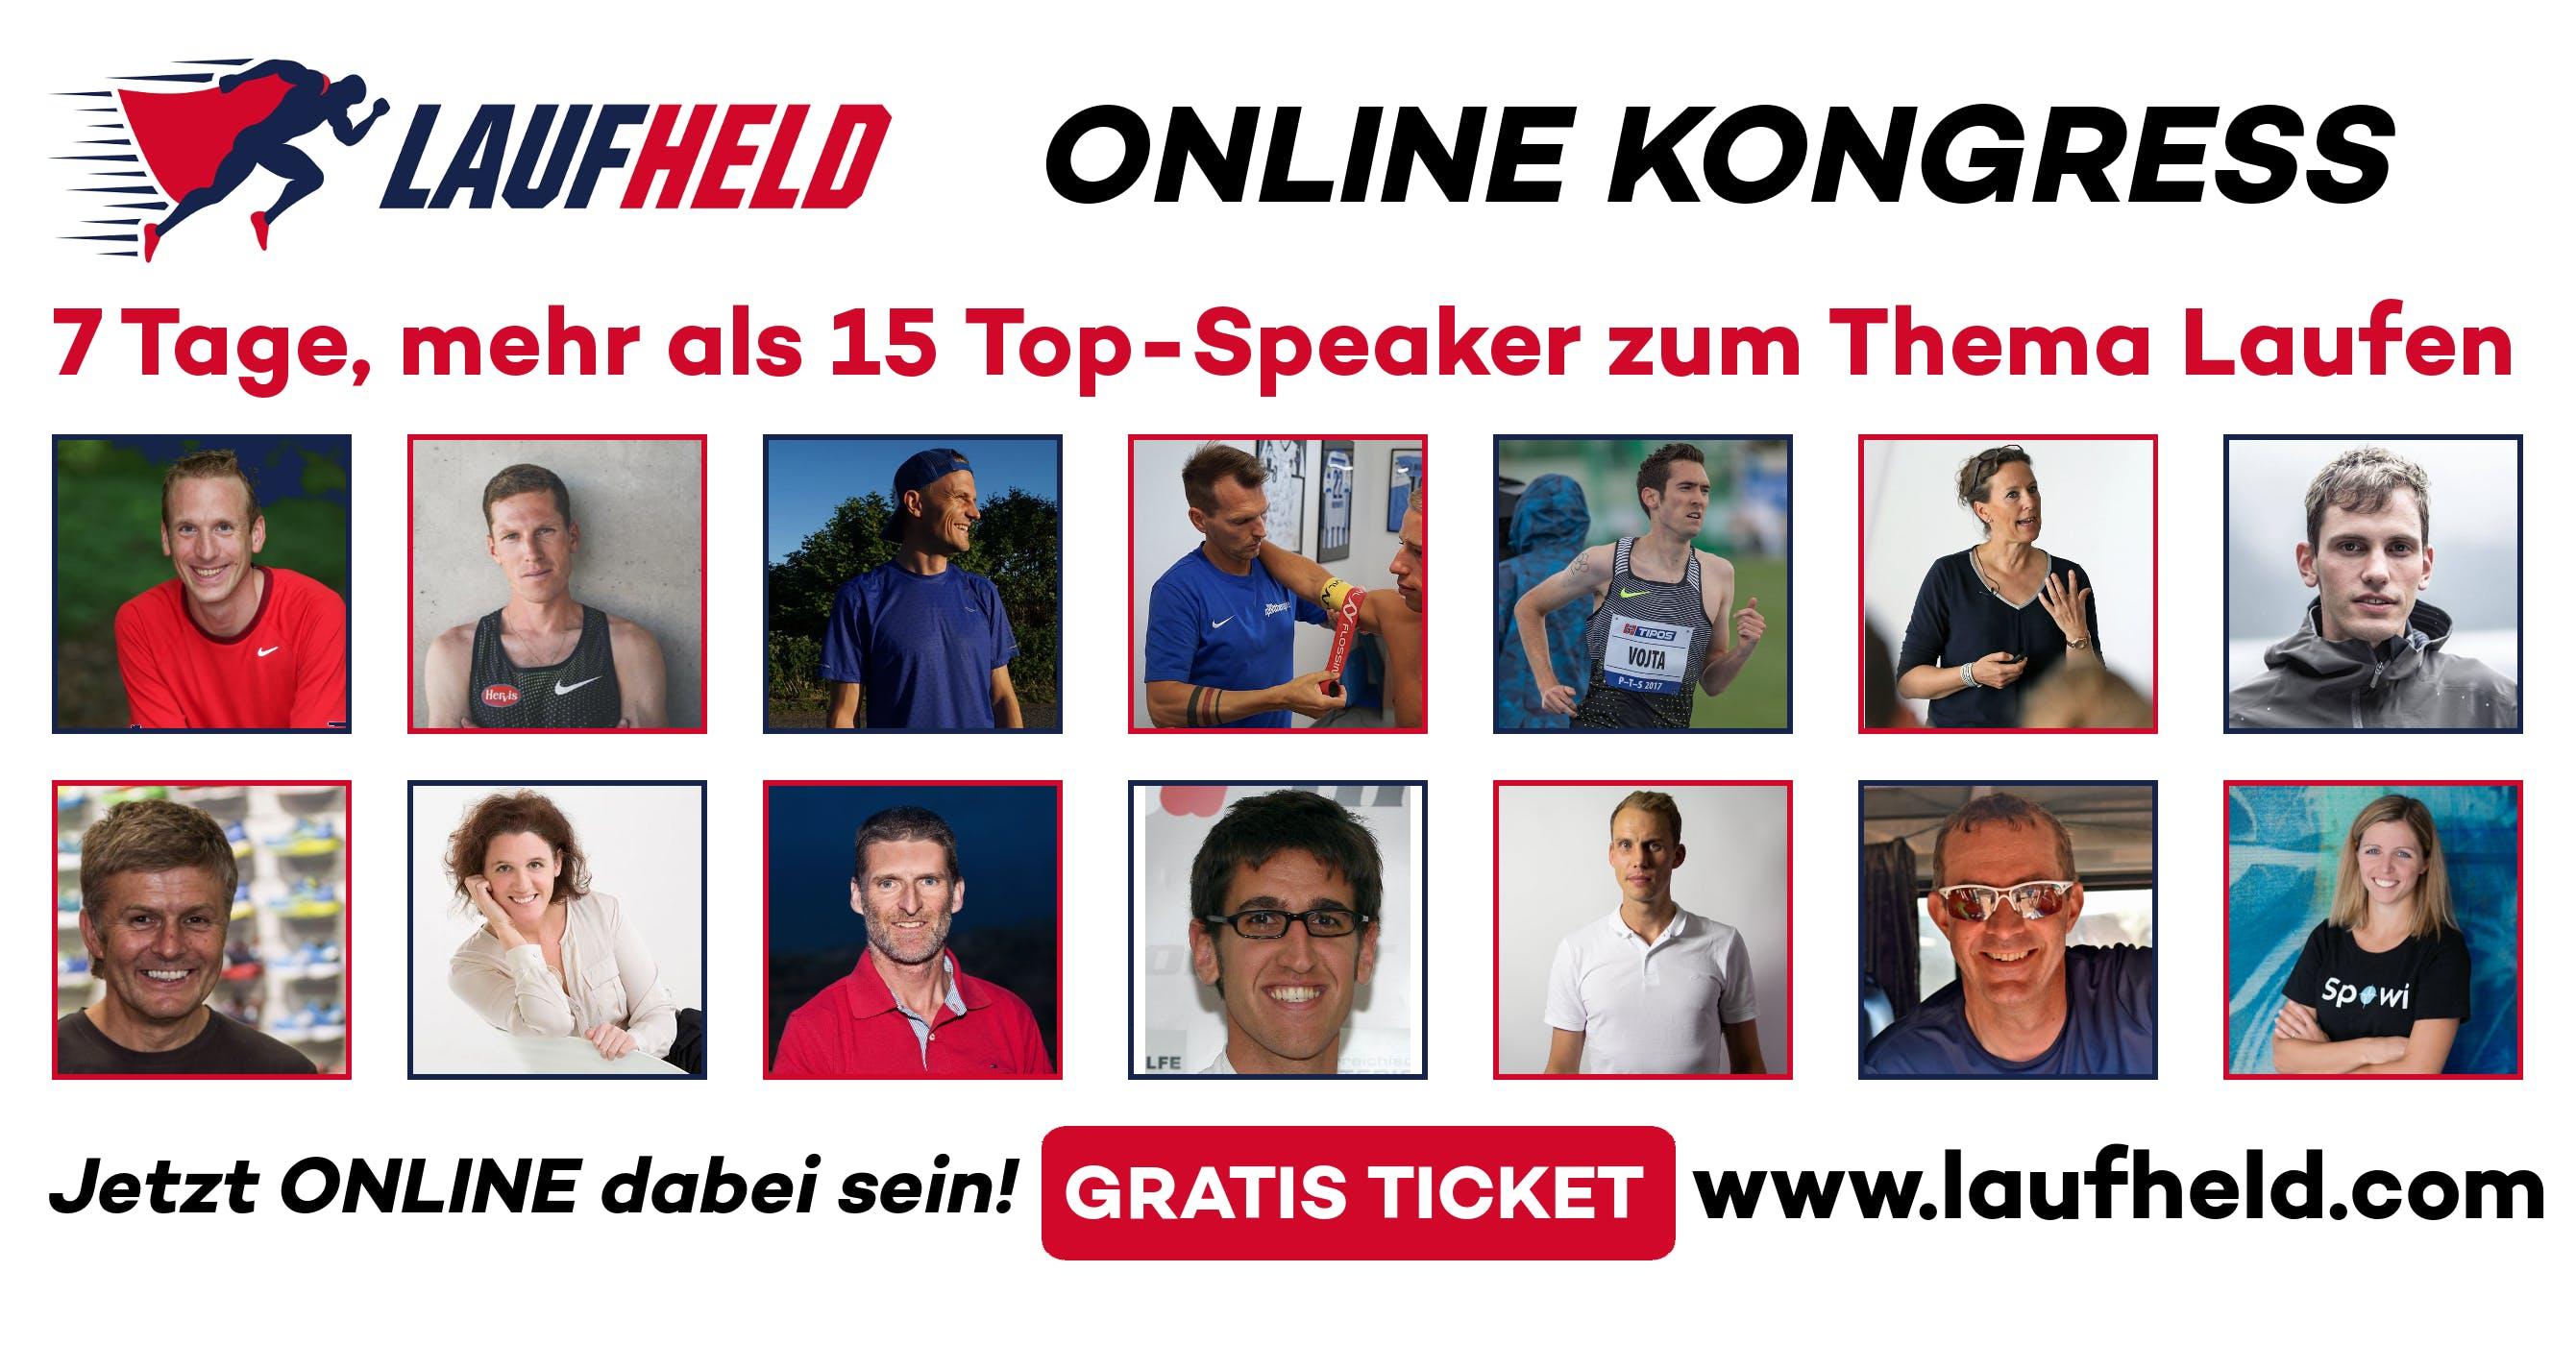 Laufheld Online Lauf-Kongress 2: Lerne in 7 Tagen von Top-Lauf-Experten (Bern)